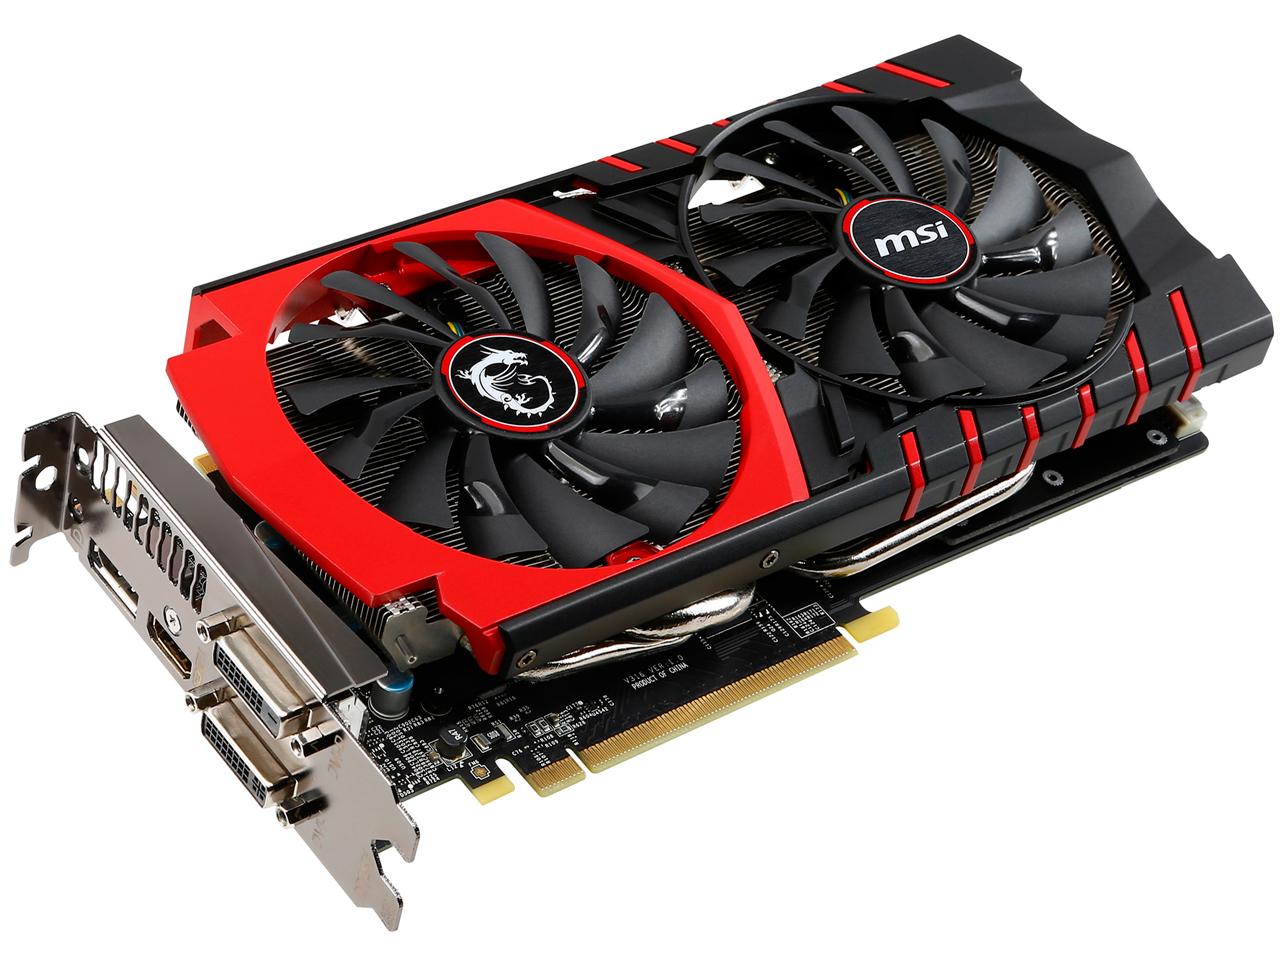 『本体2』 GTX 970 GAMING 4G [PCIExp 4GB] の製品画像